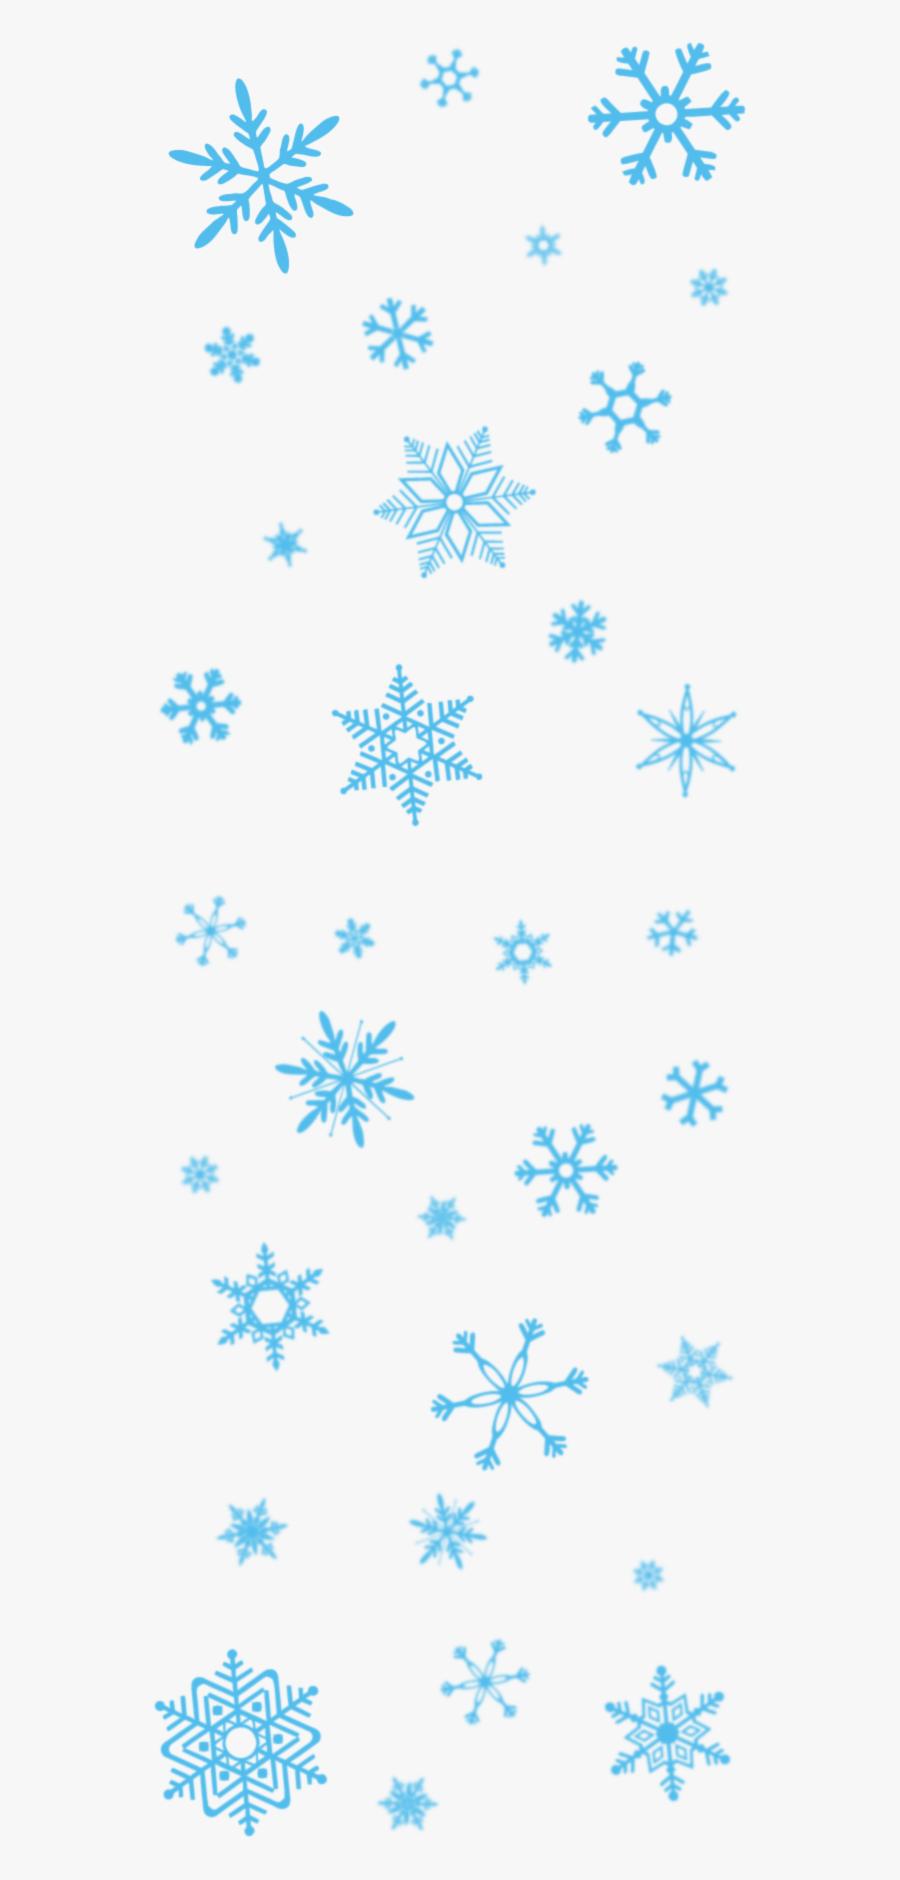 Snowflake Clipart Snow Storm - Disney Frozen Snowflake Png, Transparent Clipart